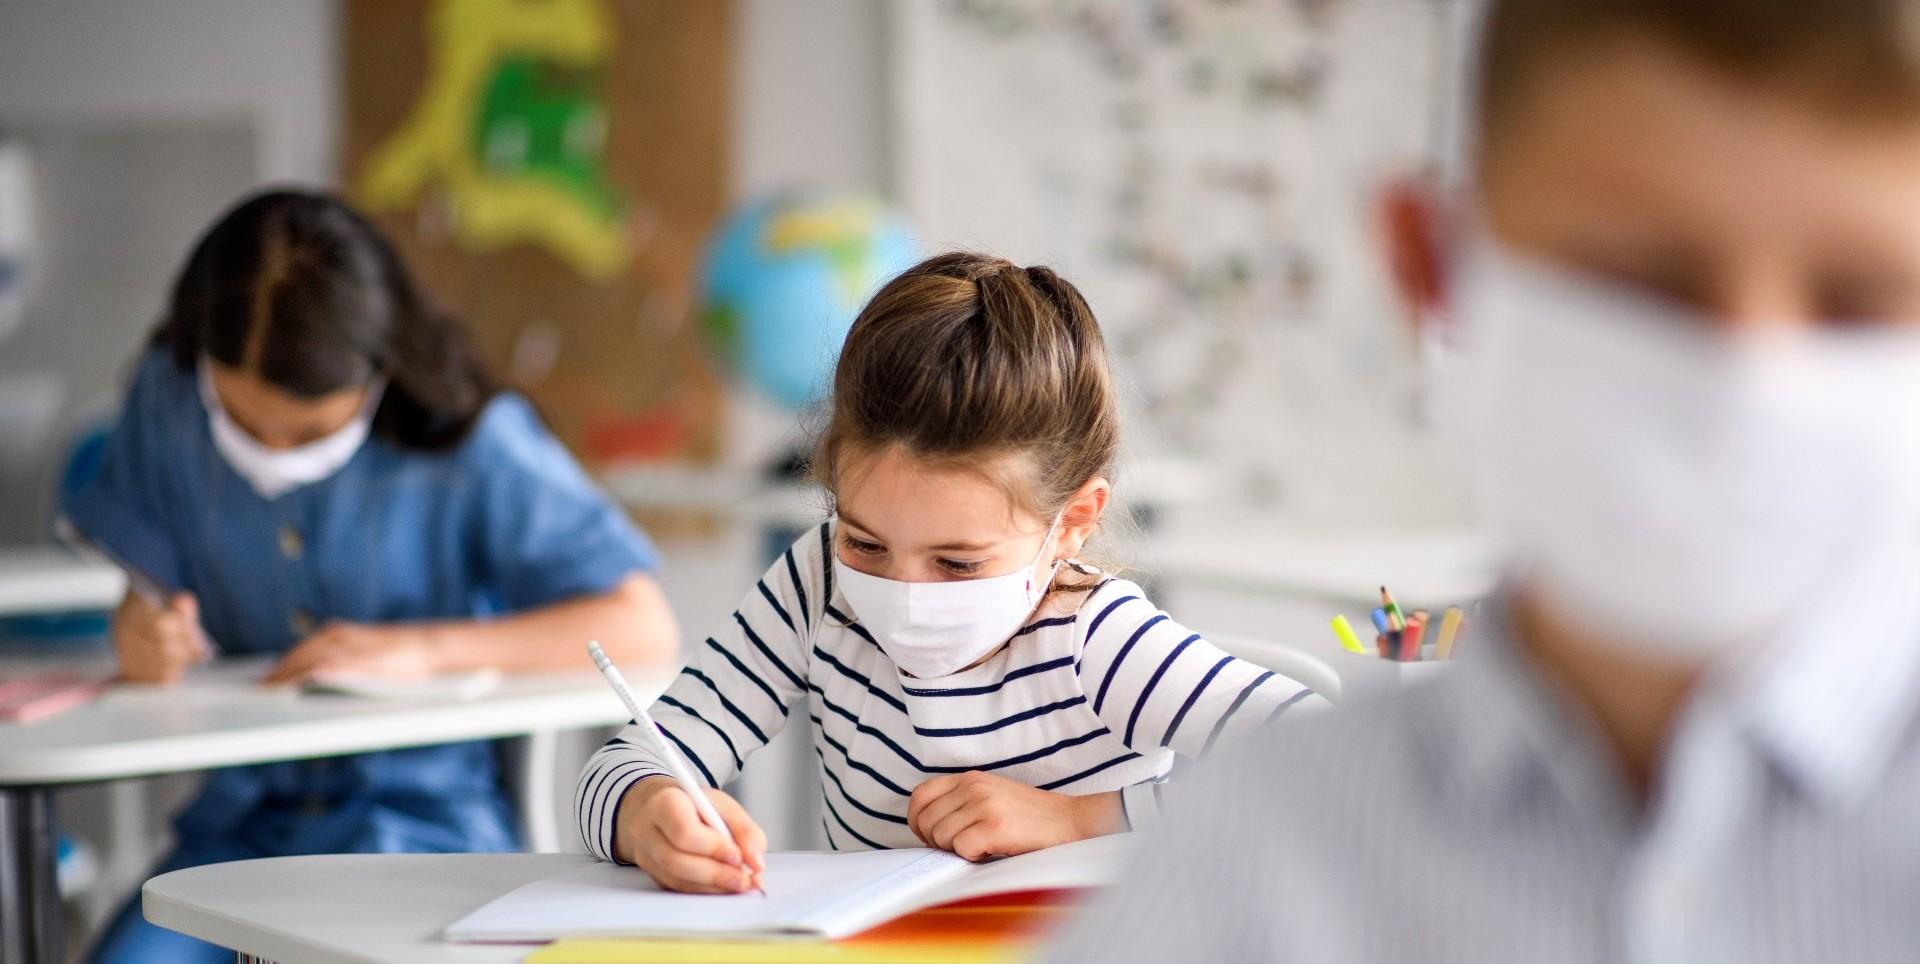 منظمة اليونسكو وتعليم الأطفال